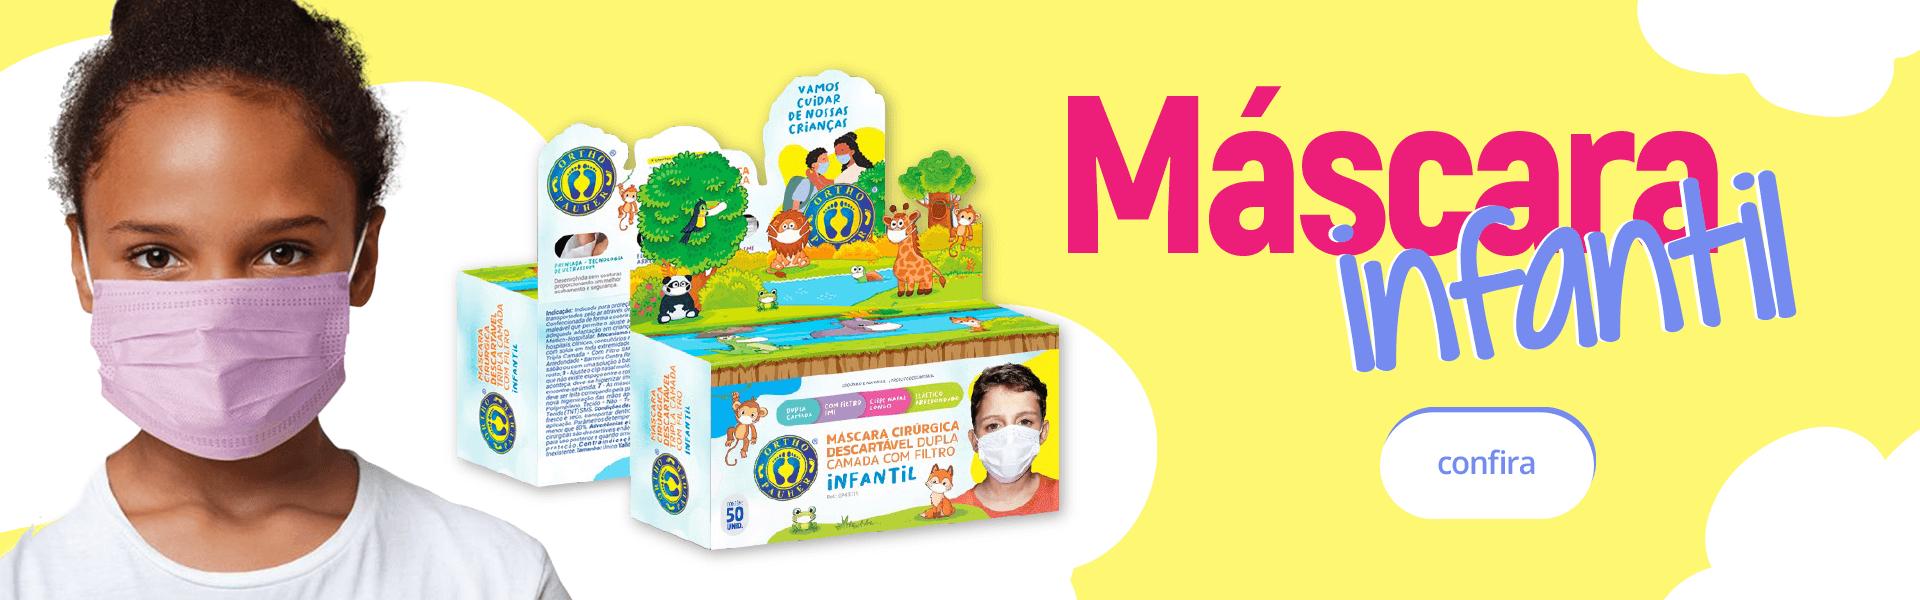 20200122 - Máscaras Infantis